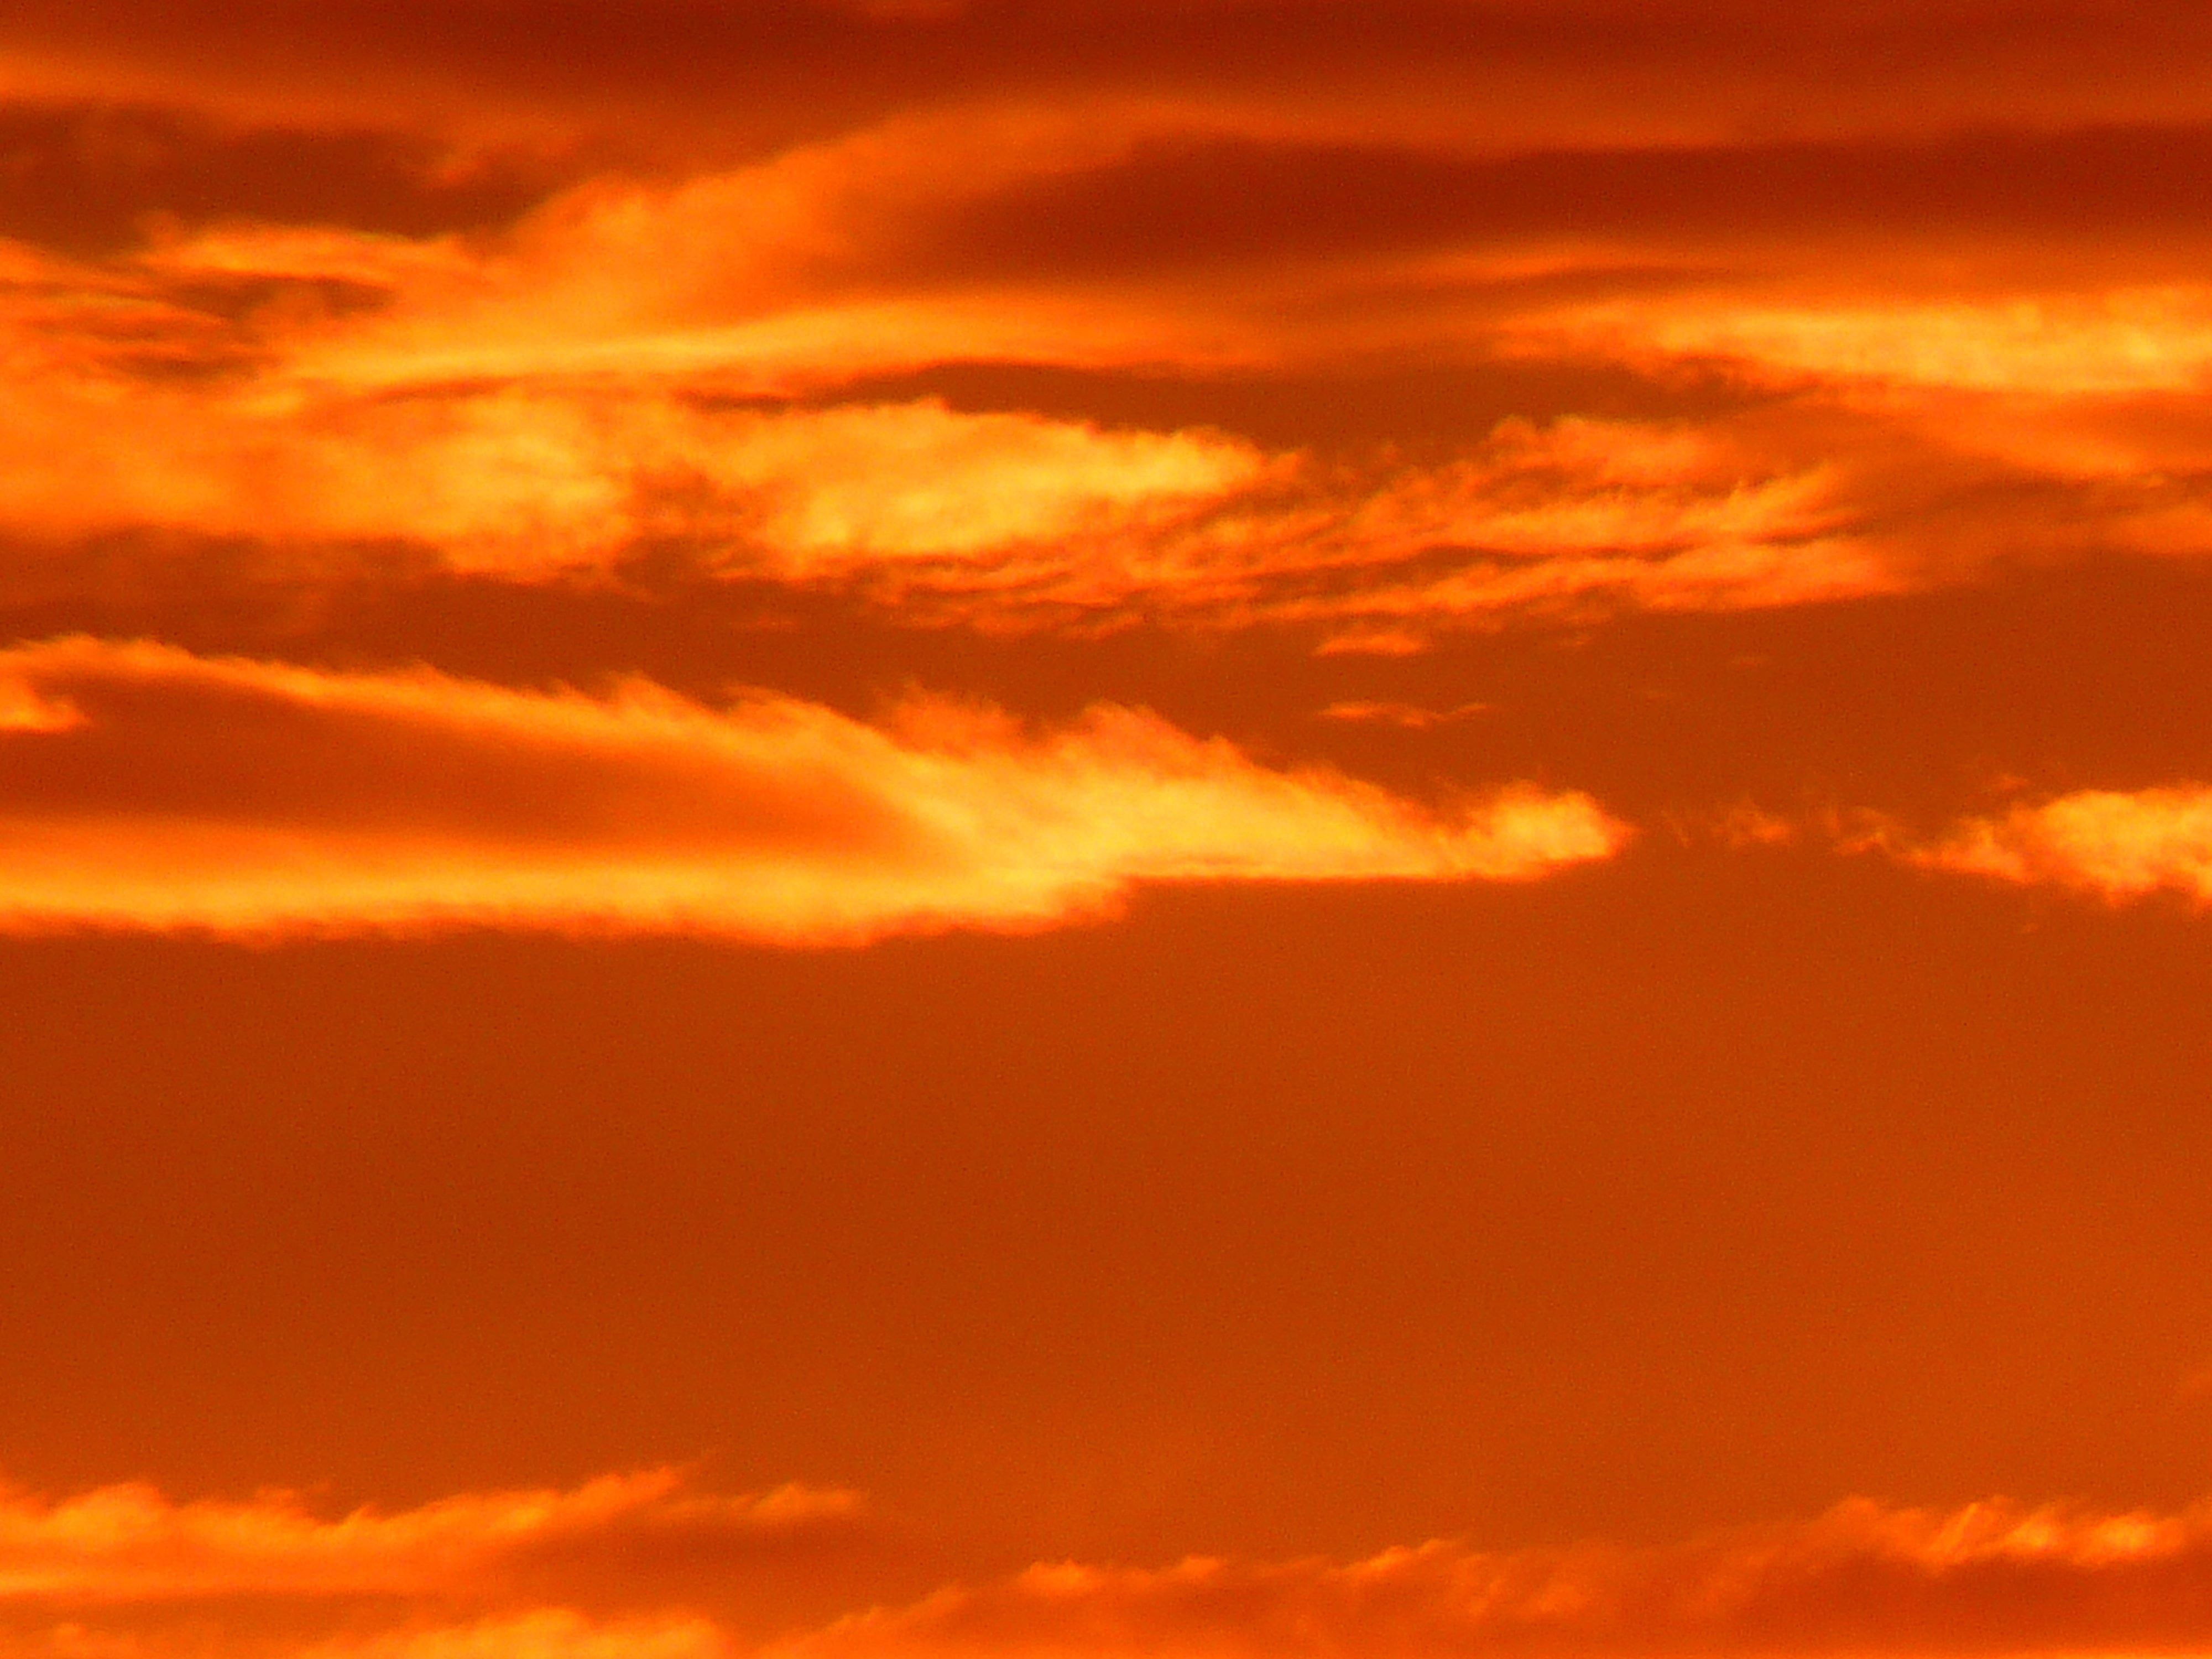 Fotos gratis : horizonte, nube, cielo, amanecer, puesta de ...